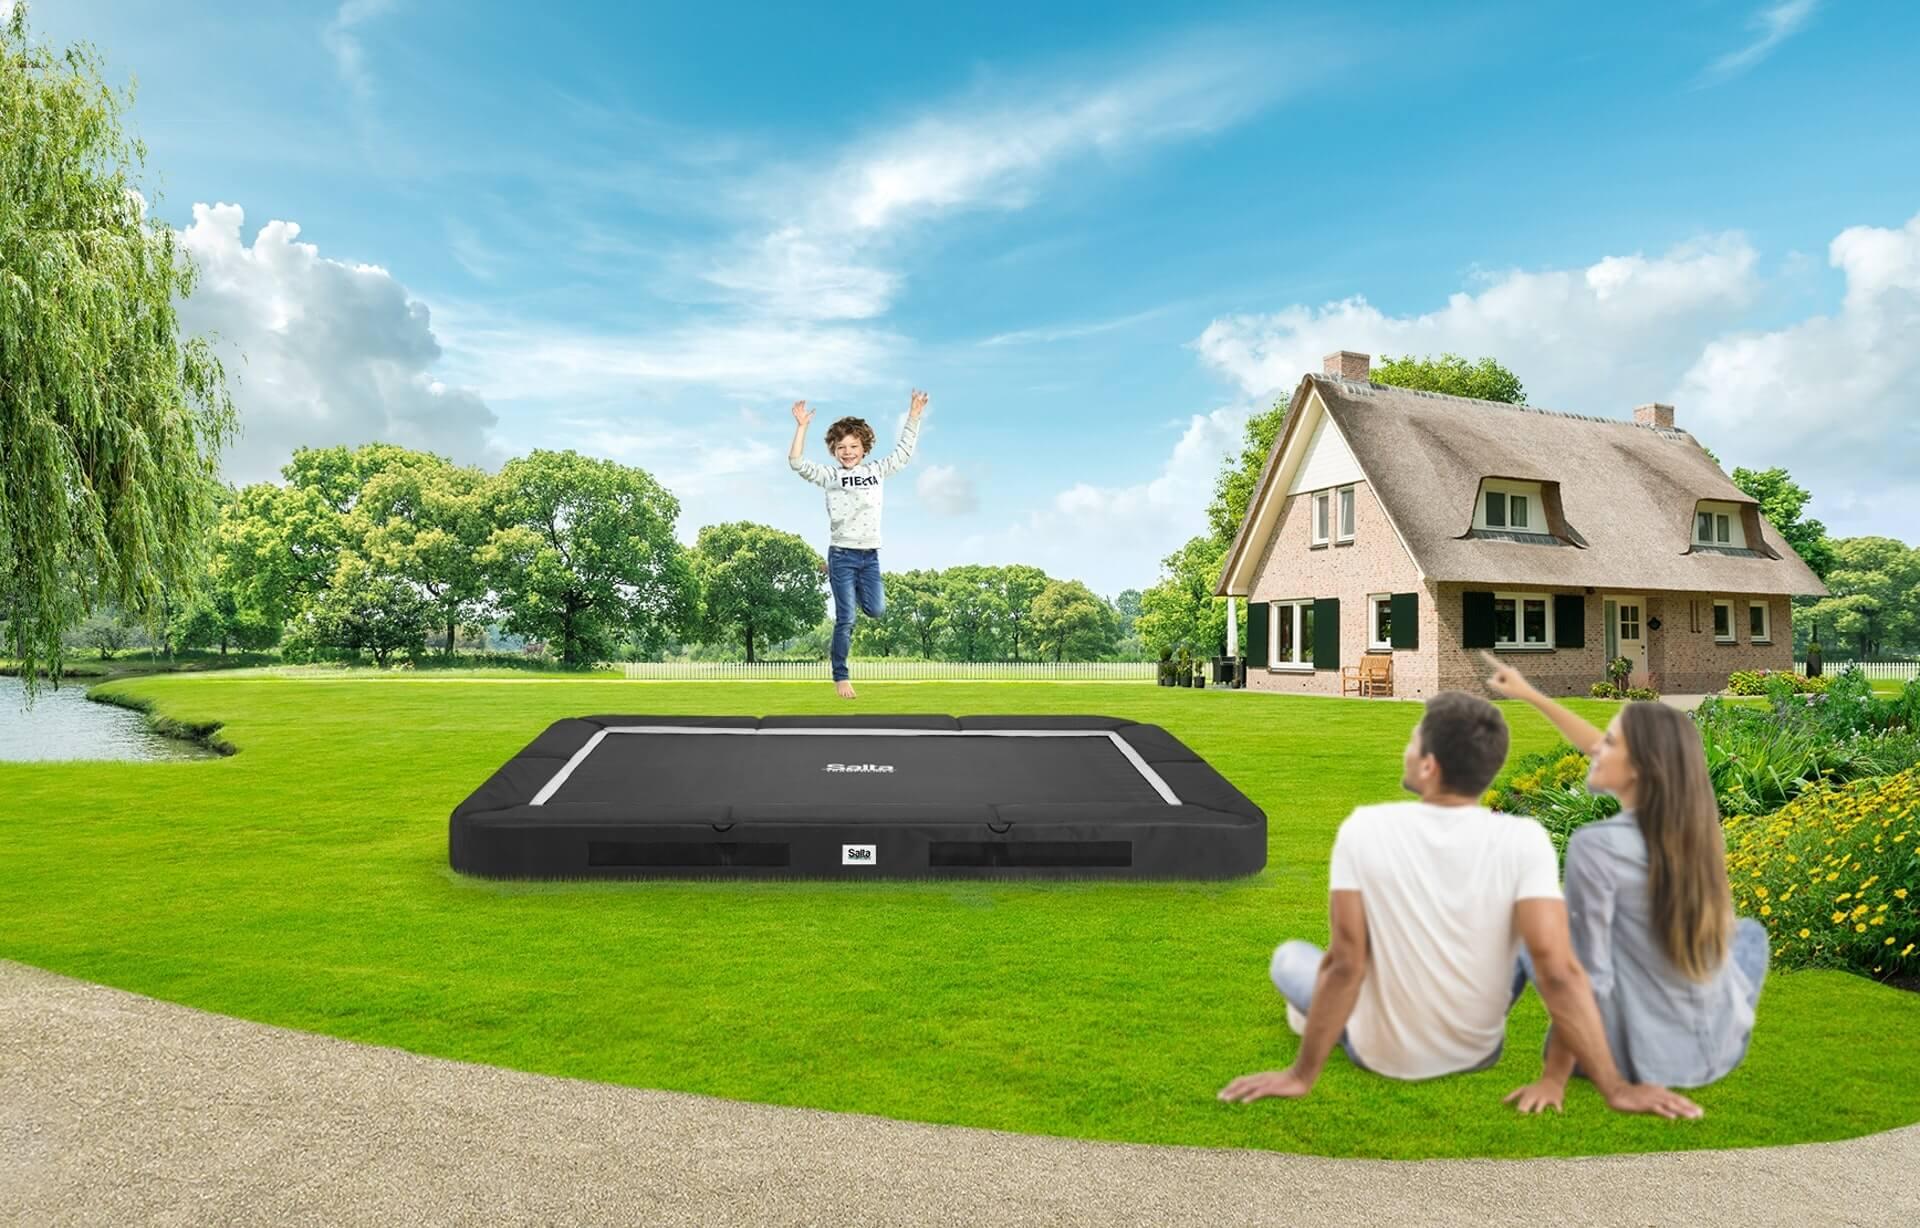 SALTA Premium Ground Trampolin - jetzt vorbestellen bei trampolin-profi.de